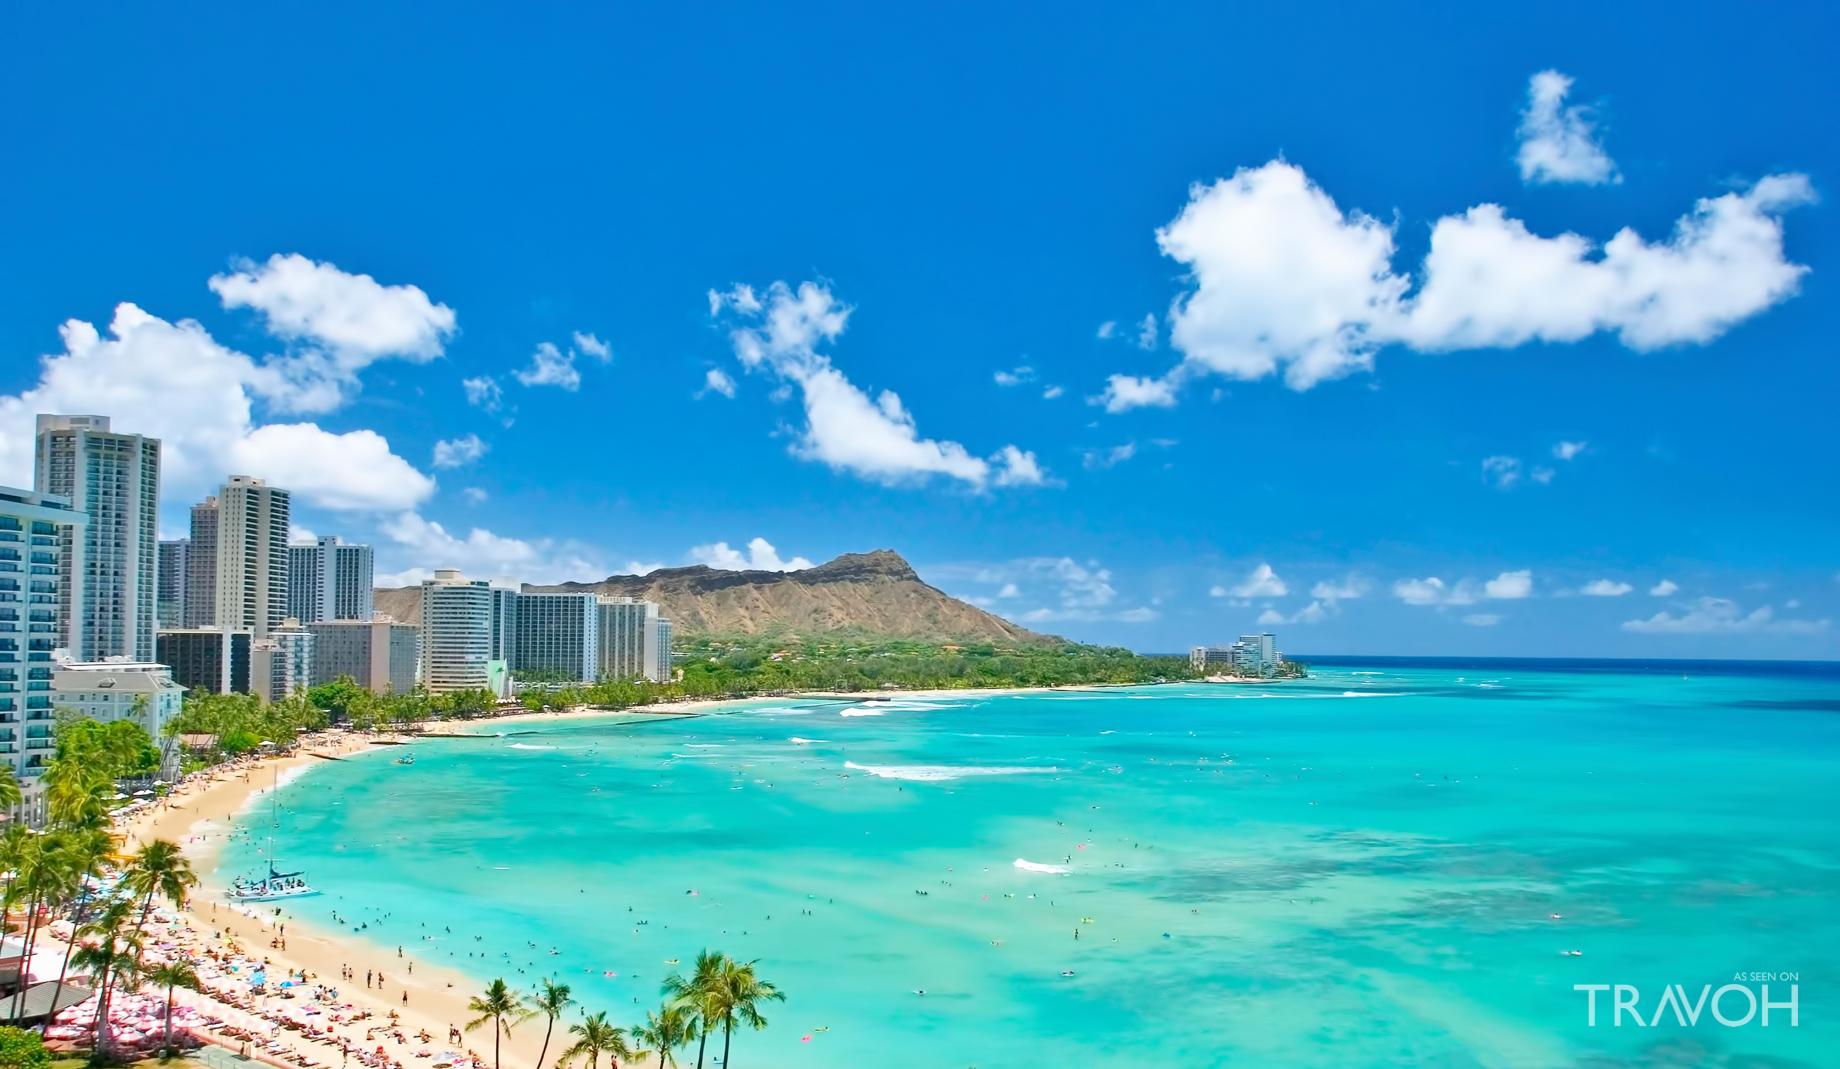 Waikiki Beach - Oahu, Hawaii